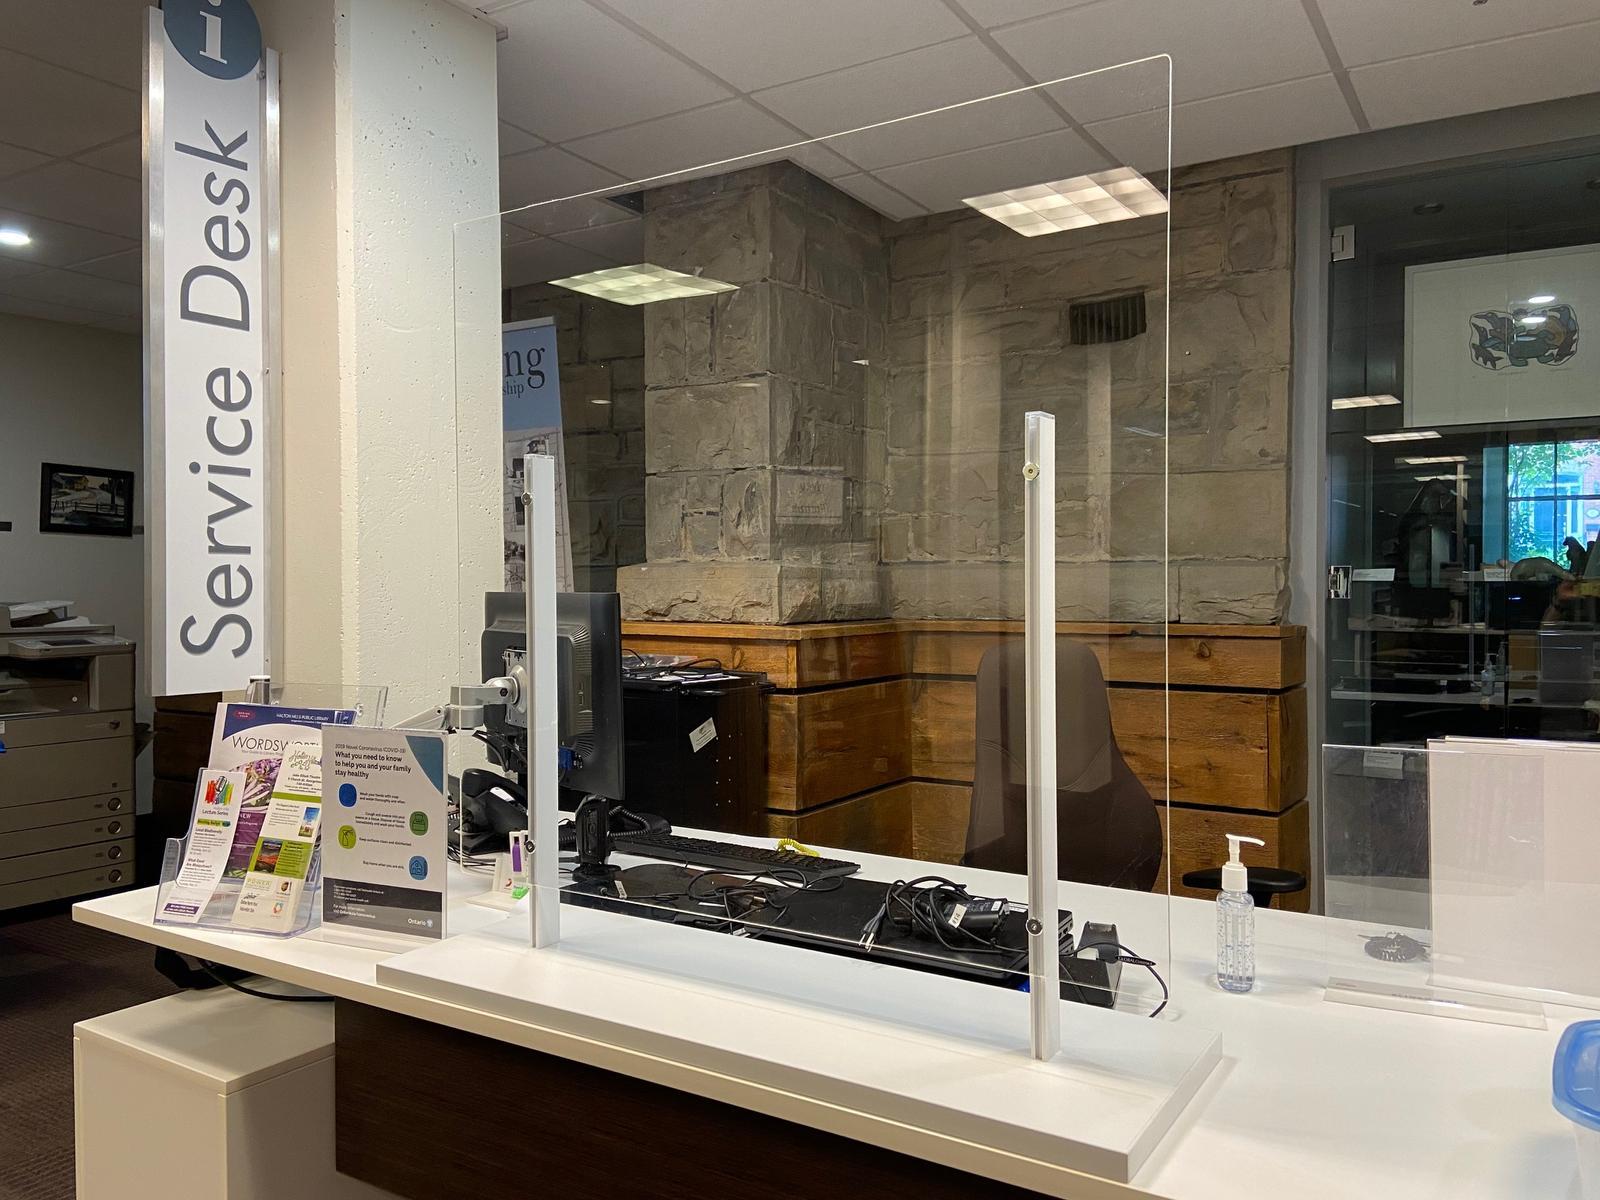 Service Desks at HHPL